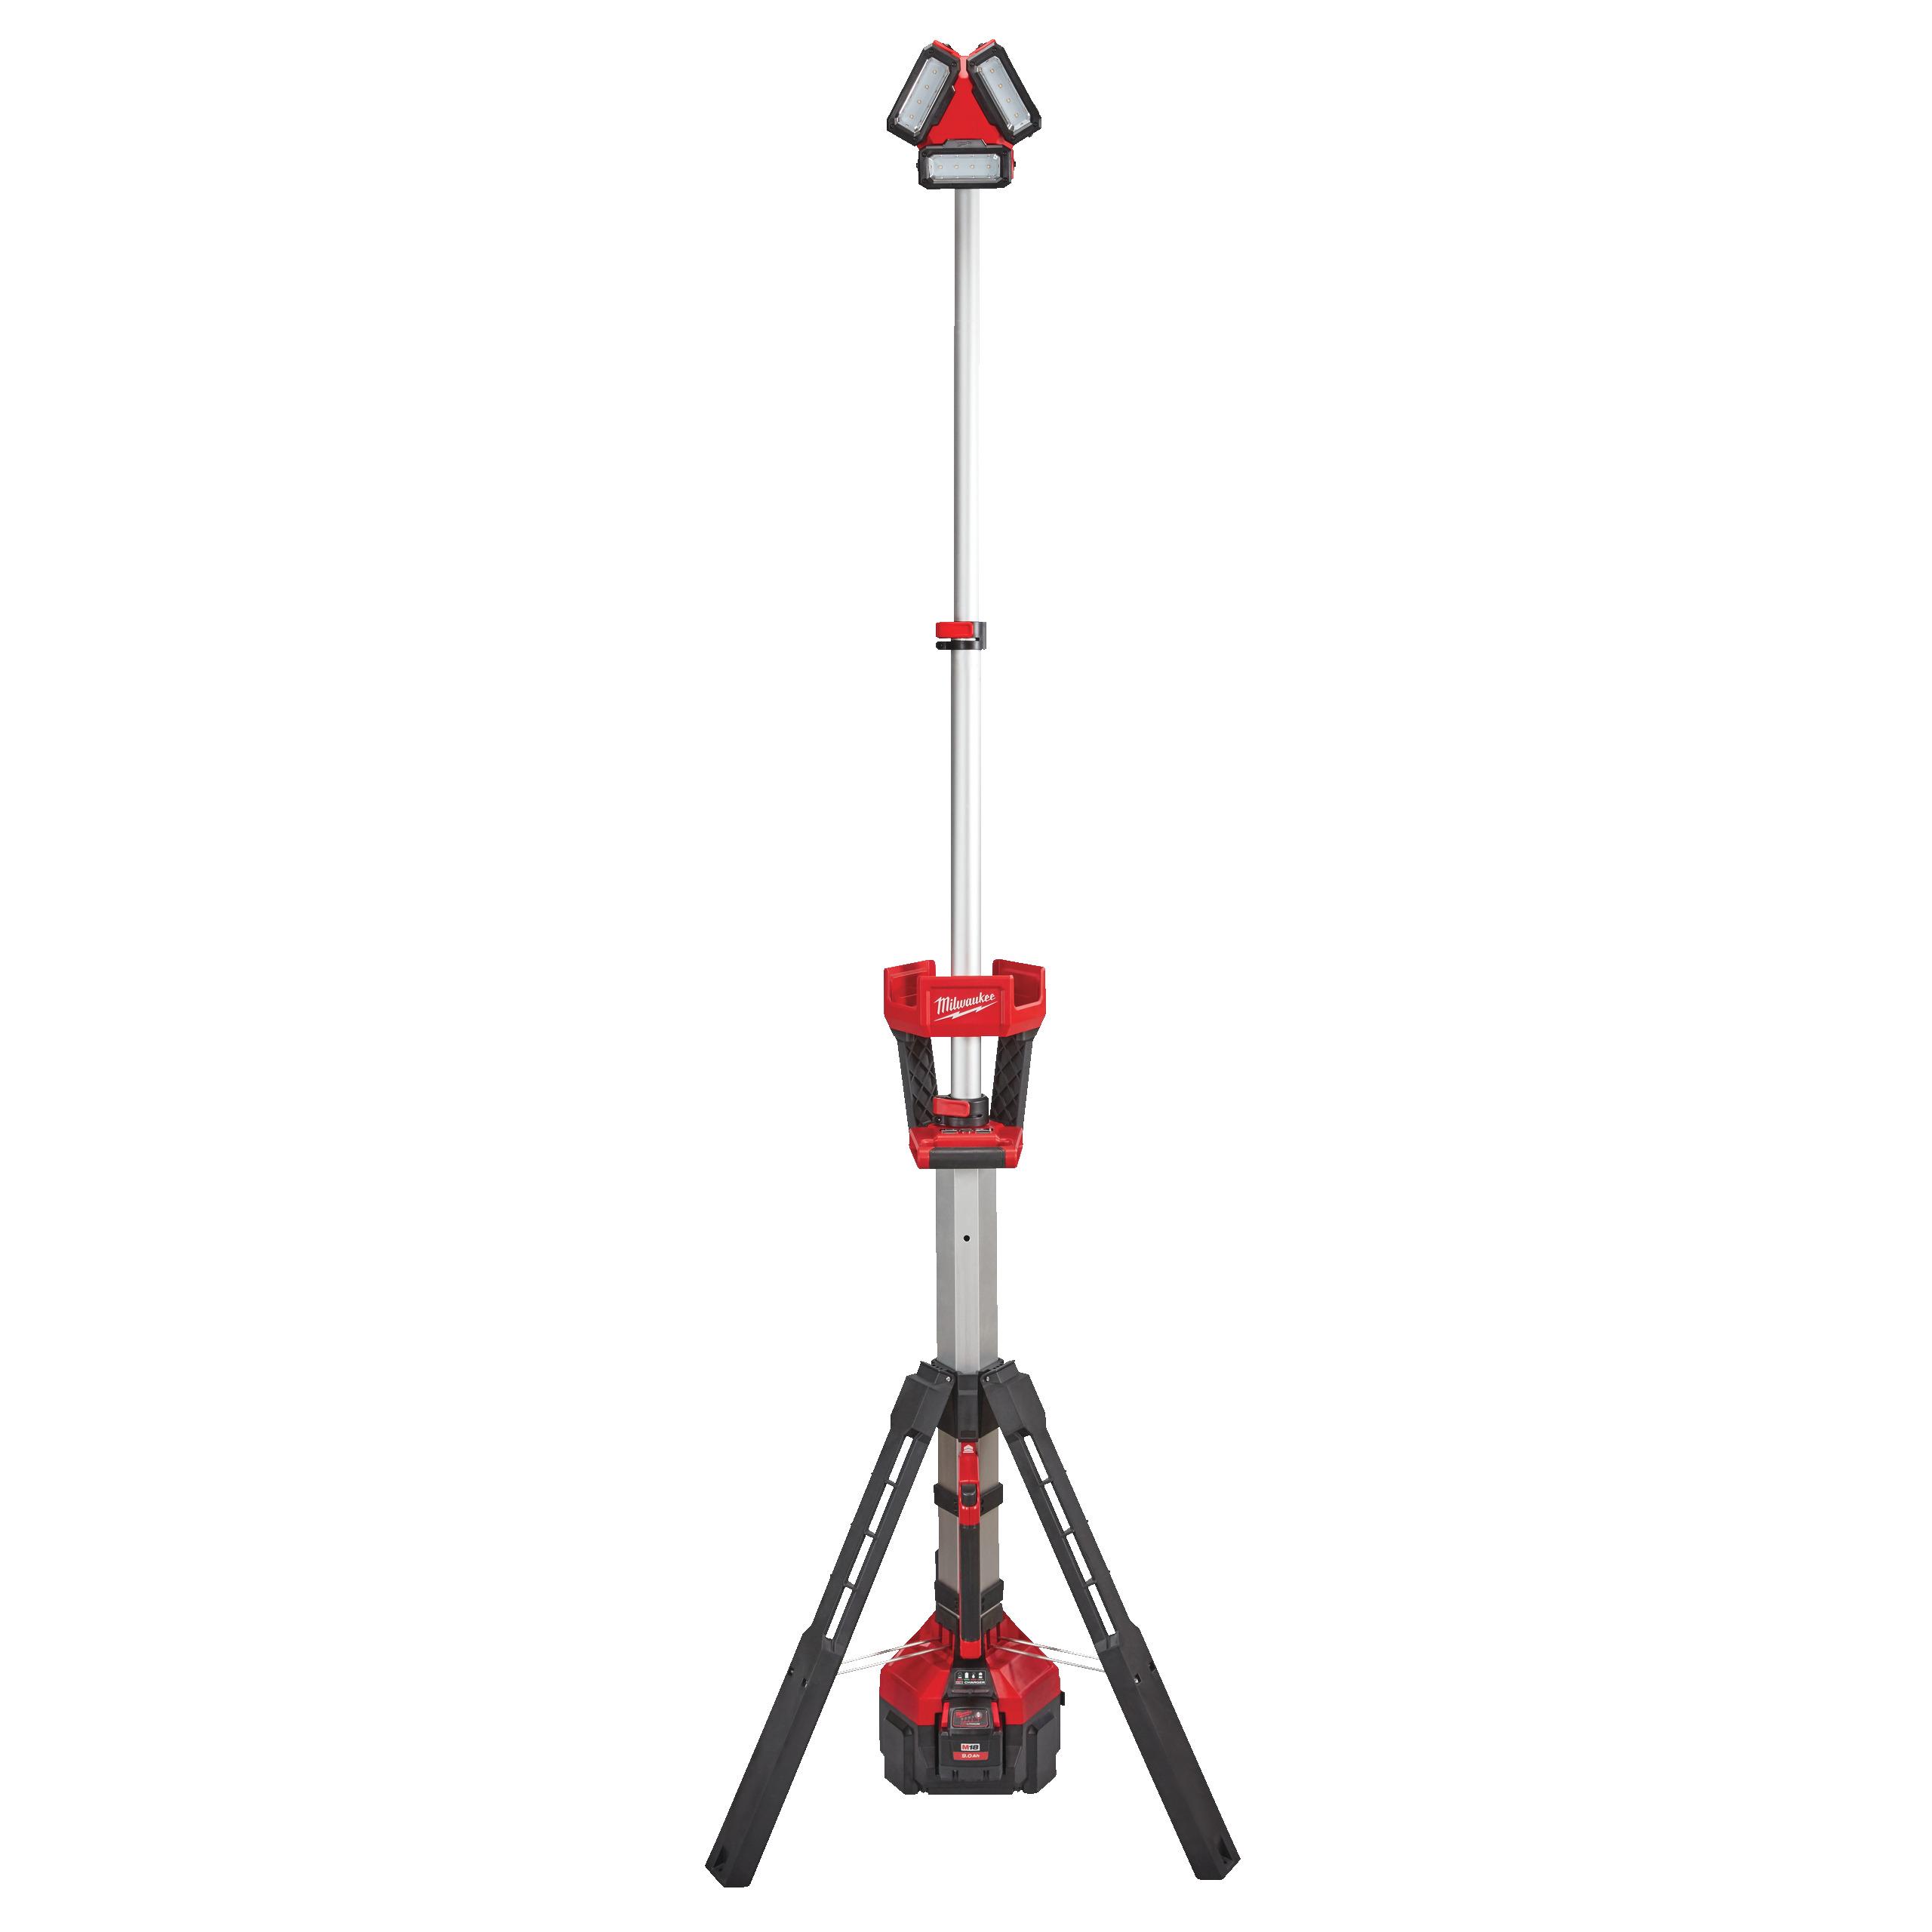 M18™ vysoce výkonná stojanová LED svítilna a nabíječka